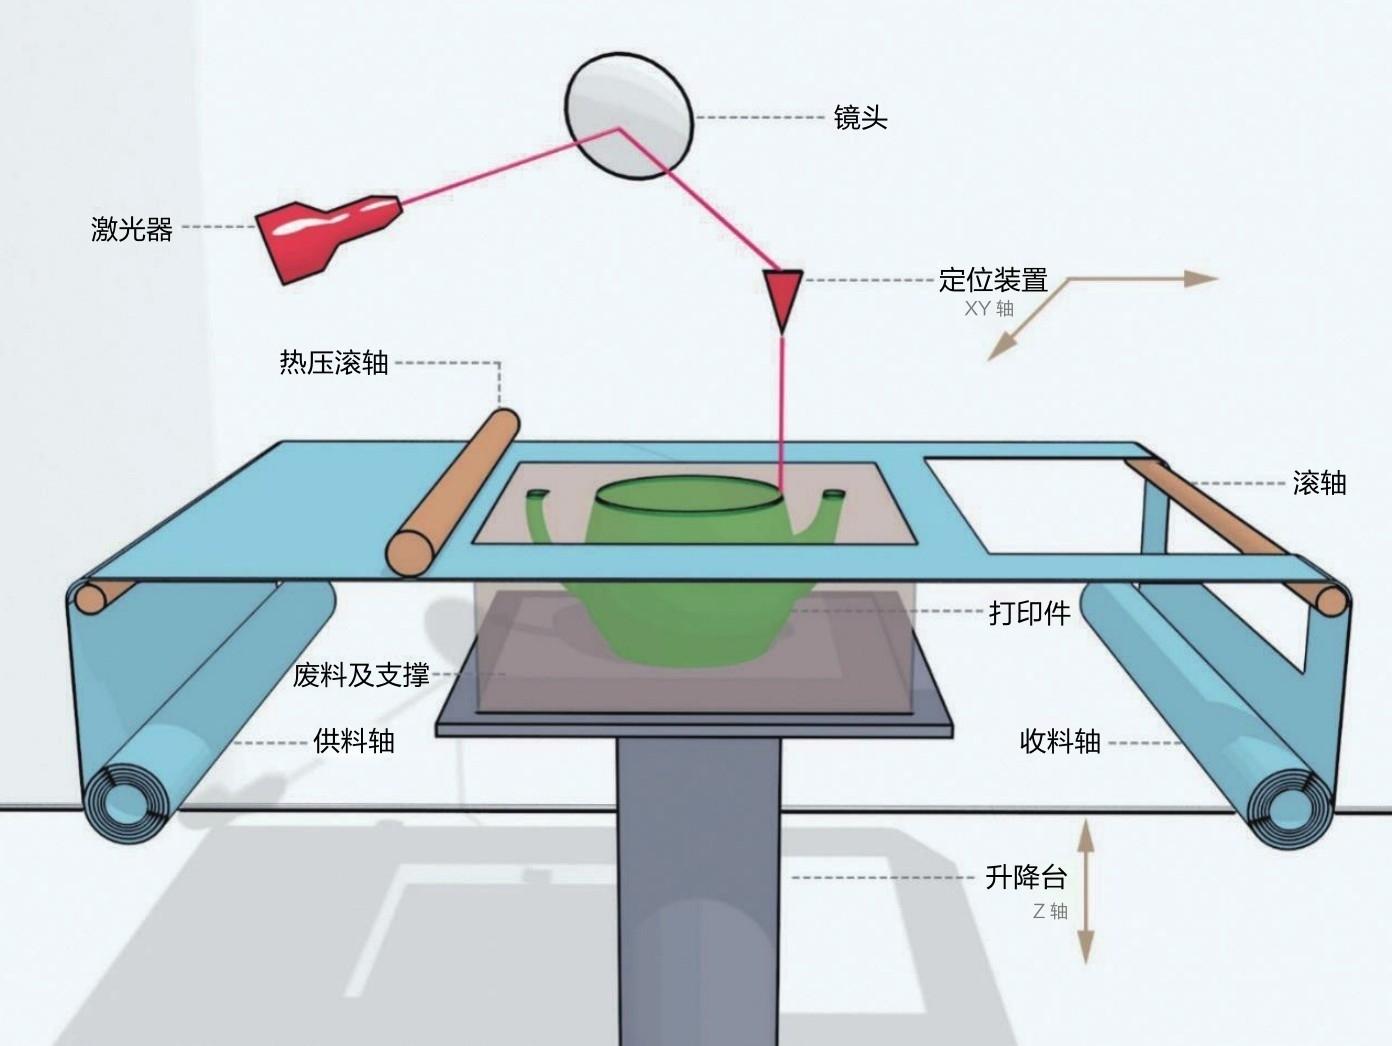 简述3D打印技术中层叠法成型LOM的技术原理